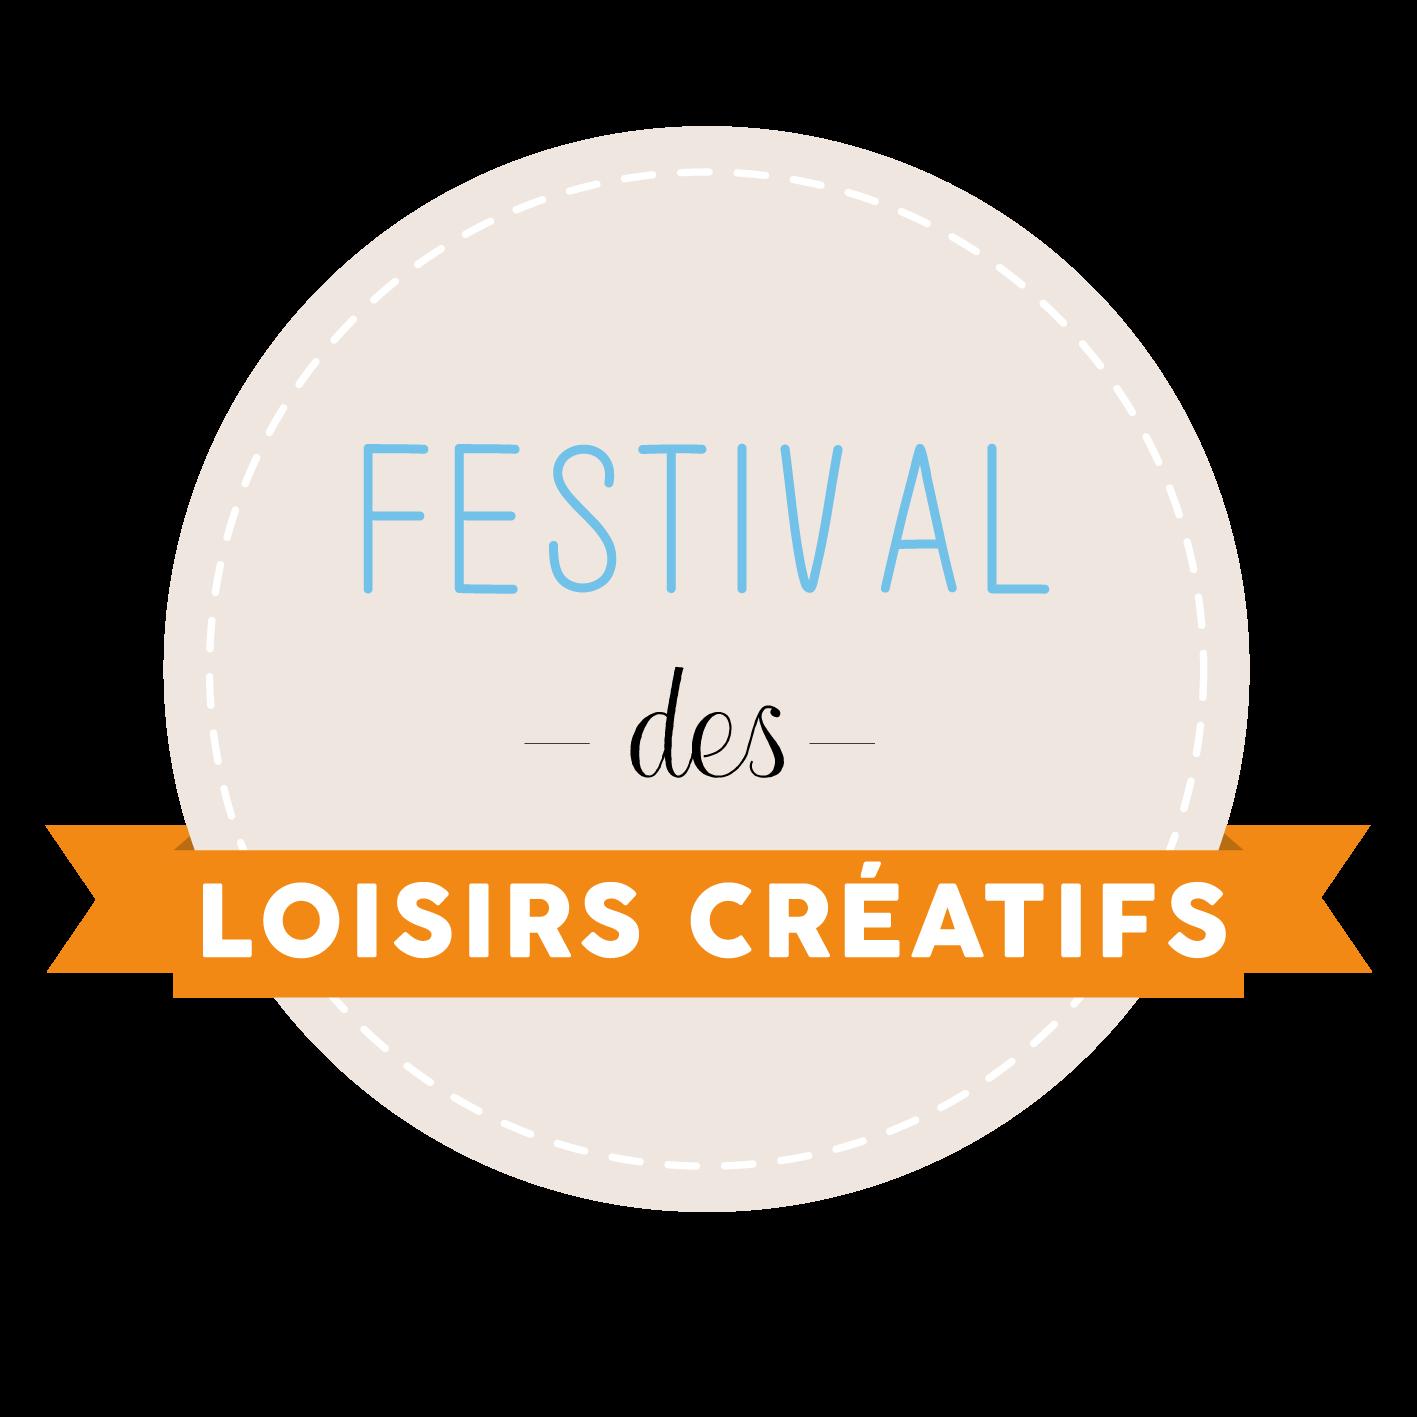 Le Festival des Loisirs Créatifs de Grenoble